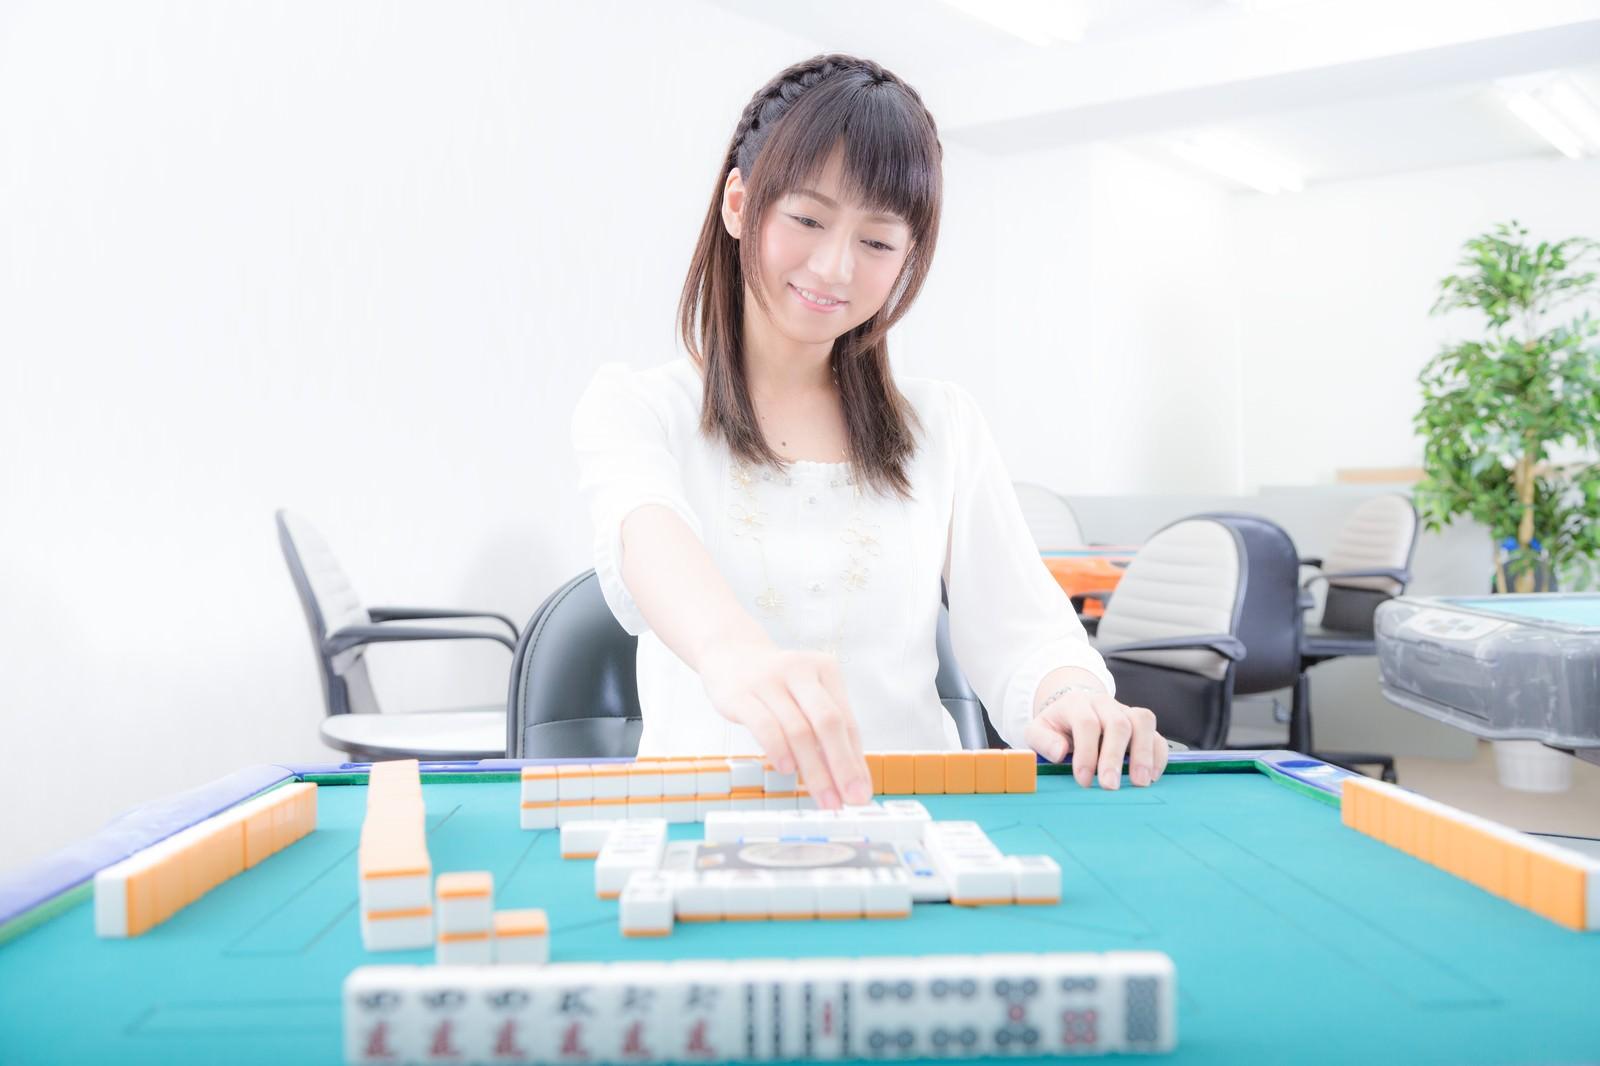 「「リーチ!」とかわいらしく打牌する女性「リーチ!」とかわいらしく打牌する女性」[モデル:米崎奈棋]のフリー写真素材を拡大